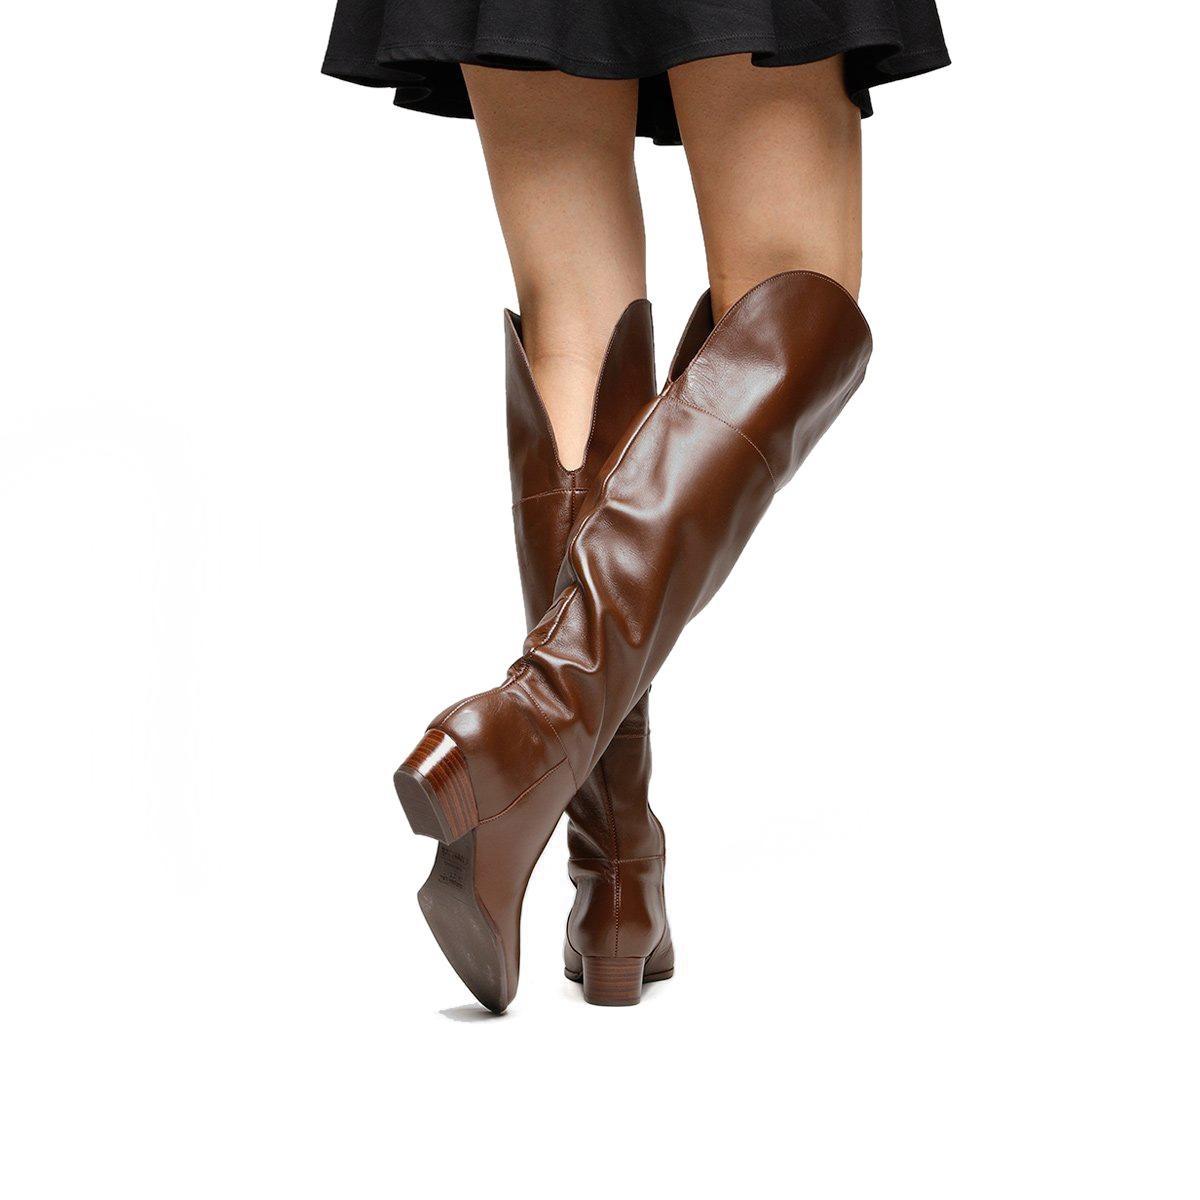 582e1ab66 Bota Couro Over The Knee Shoestock Zíper Feminina - R$ 299,90 em ...